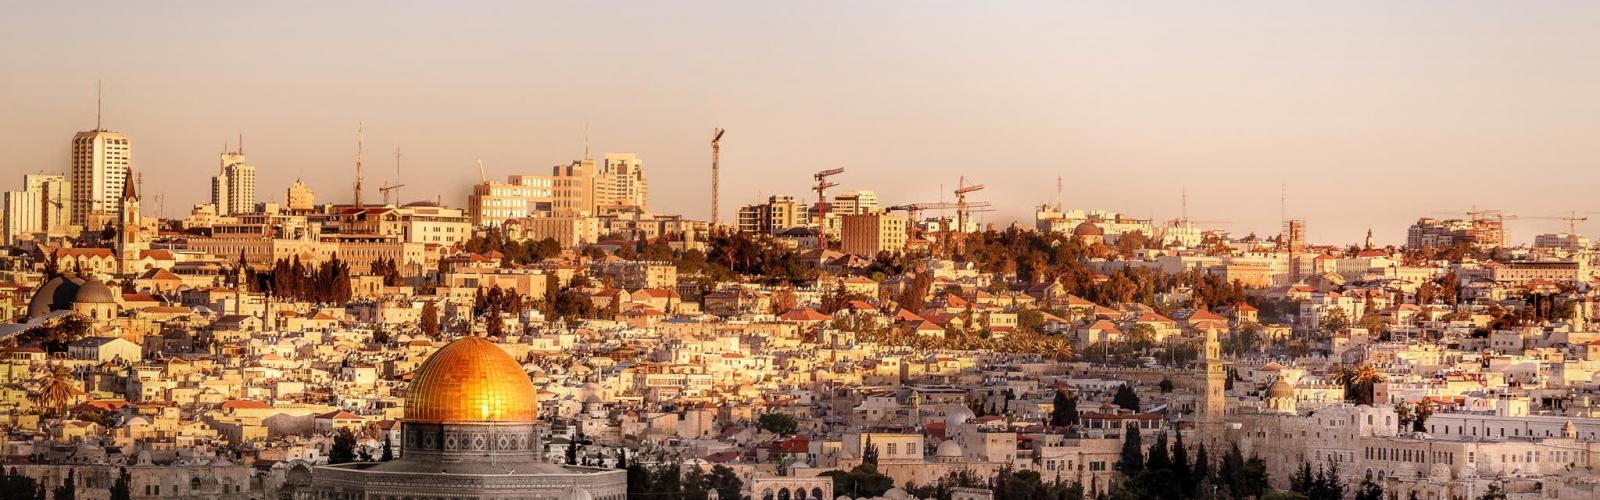 Palestine Polytechnic University (PPU) - القدس عاصمة فلسطين الأبدية